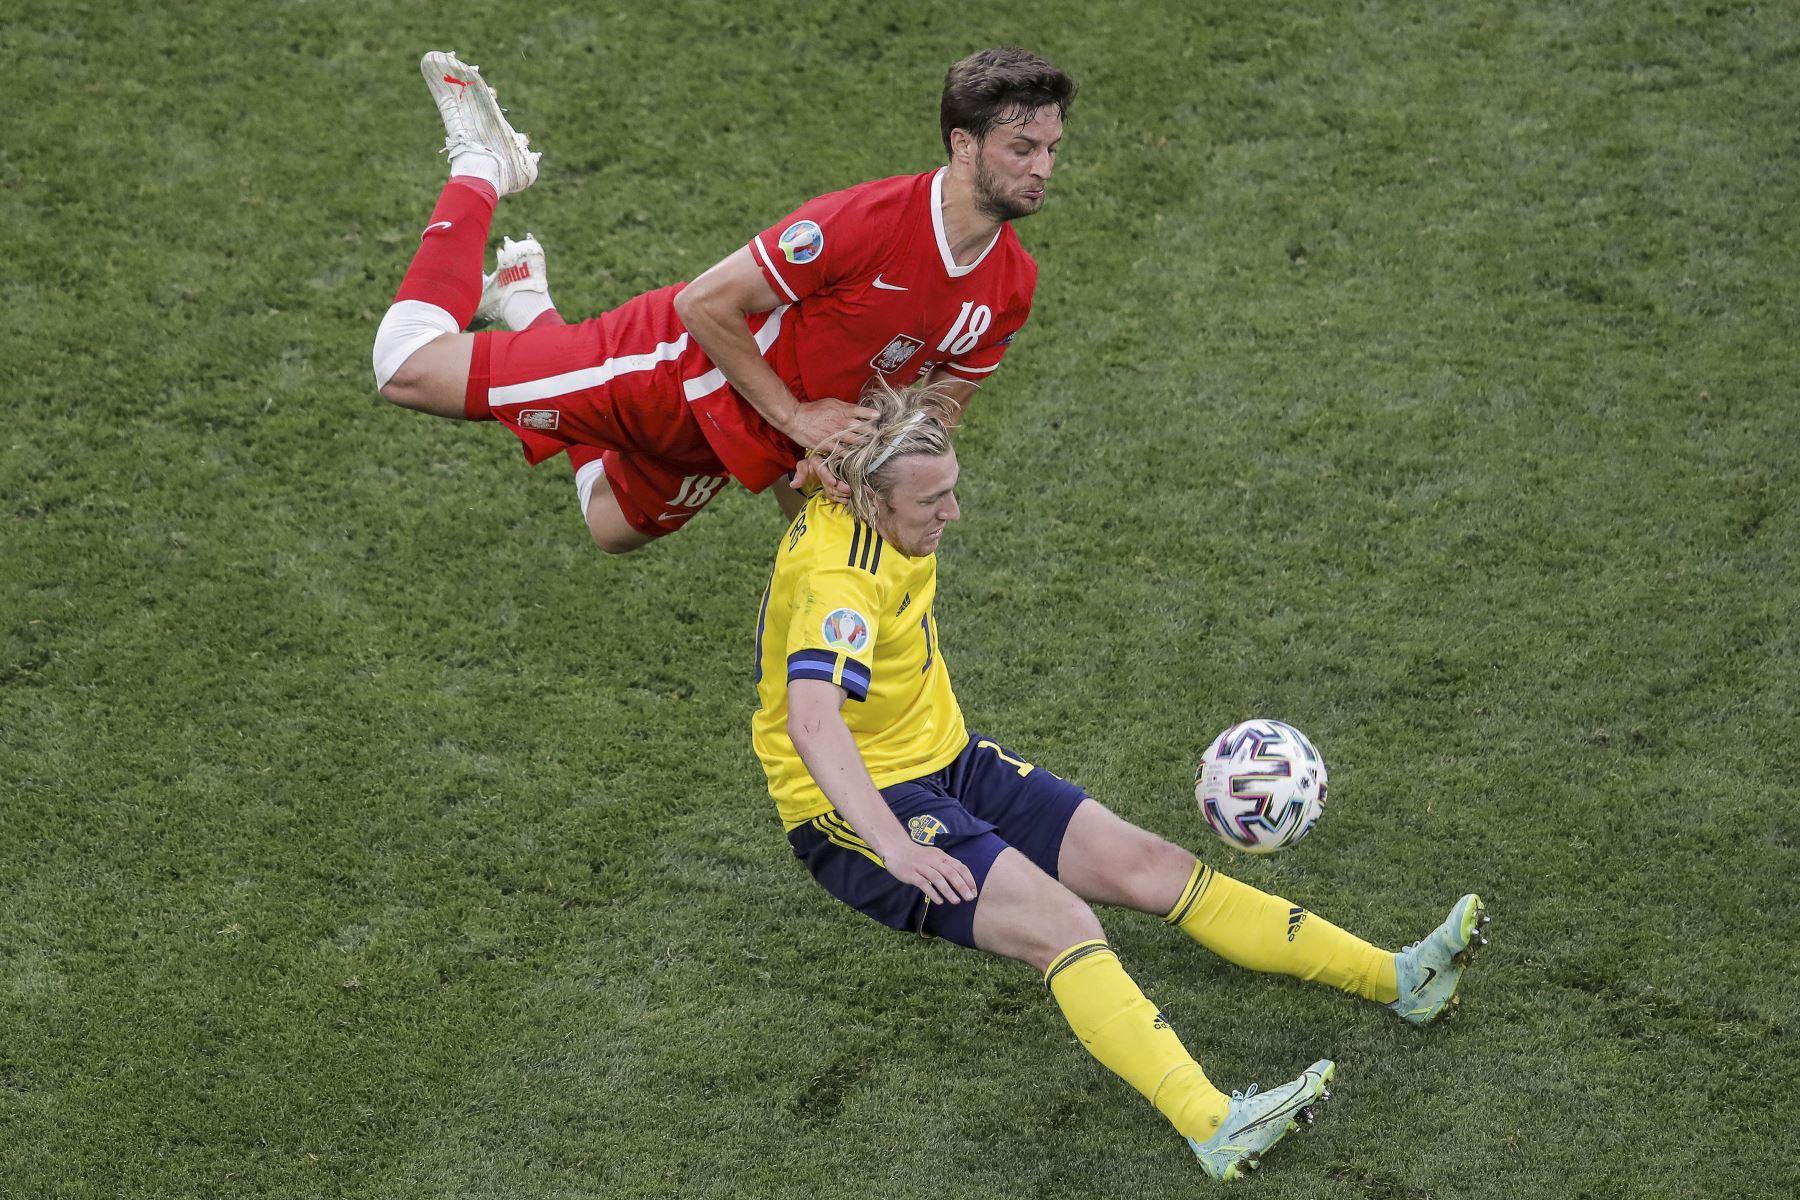 El defensor polaco Bartosz Bereszynski lucha por el balón con el mediocampista sueco Emil Forsberg durante el partido por el Grupo E de la UEFA EURO 2020. Foto: AFP